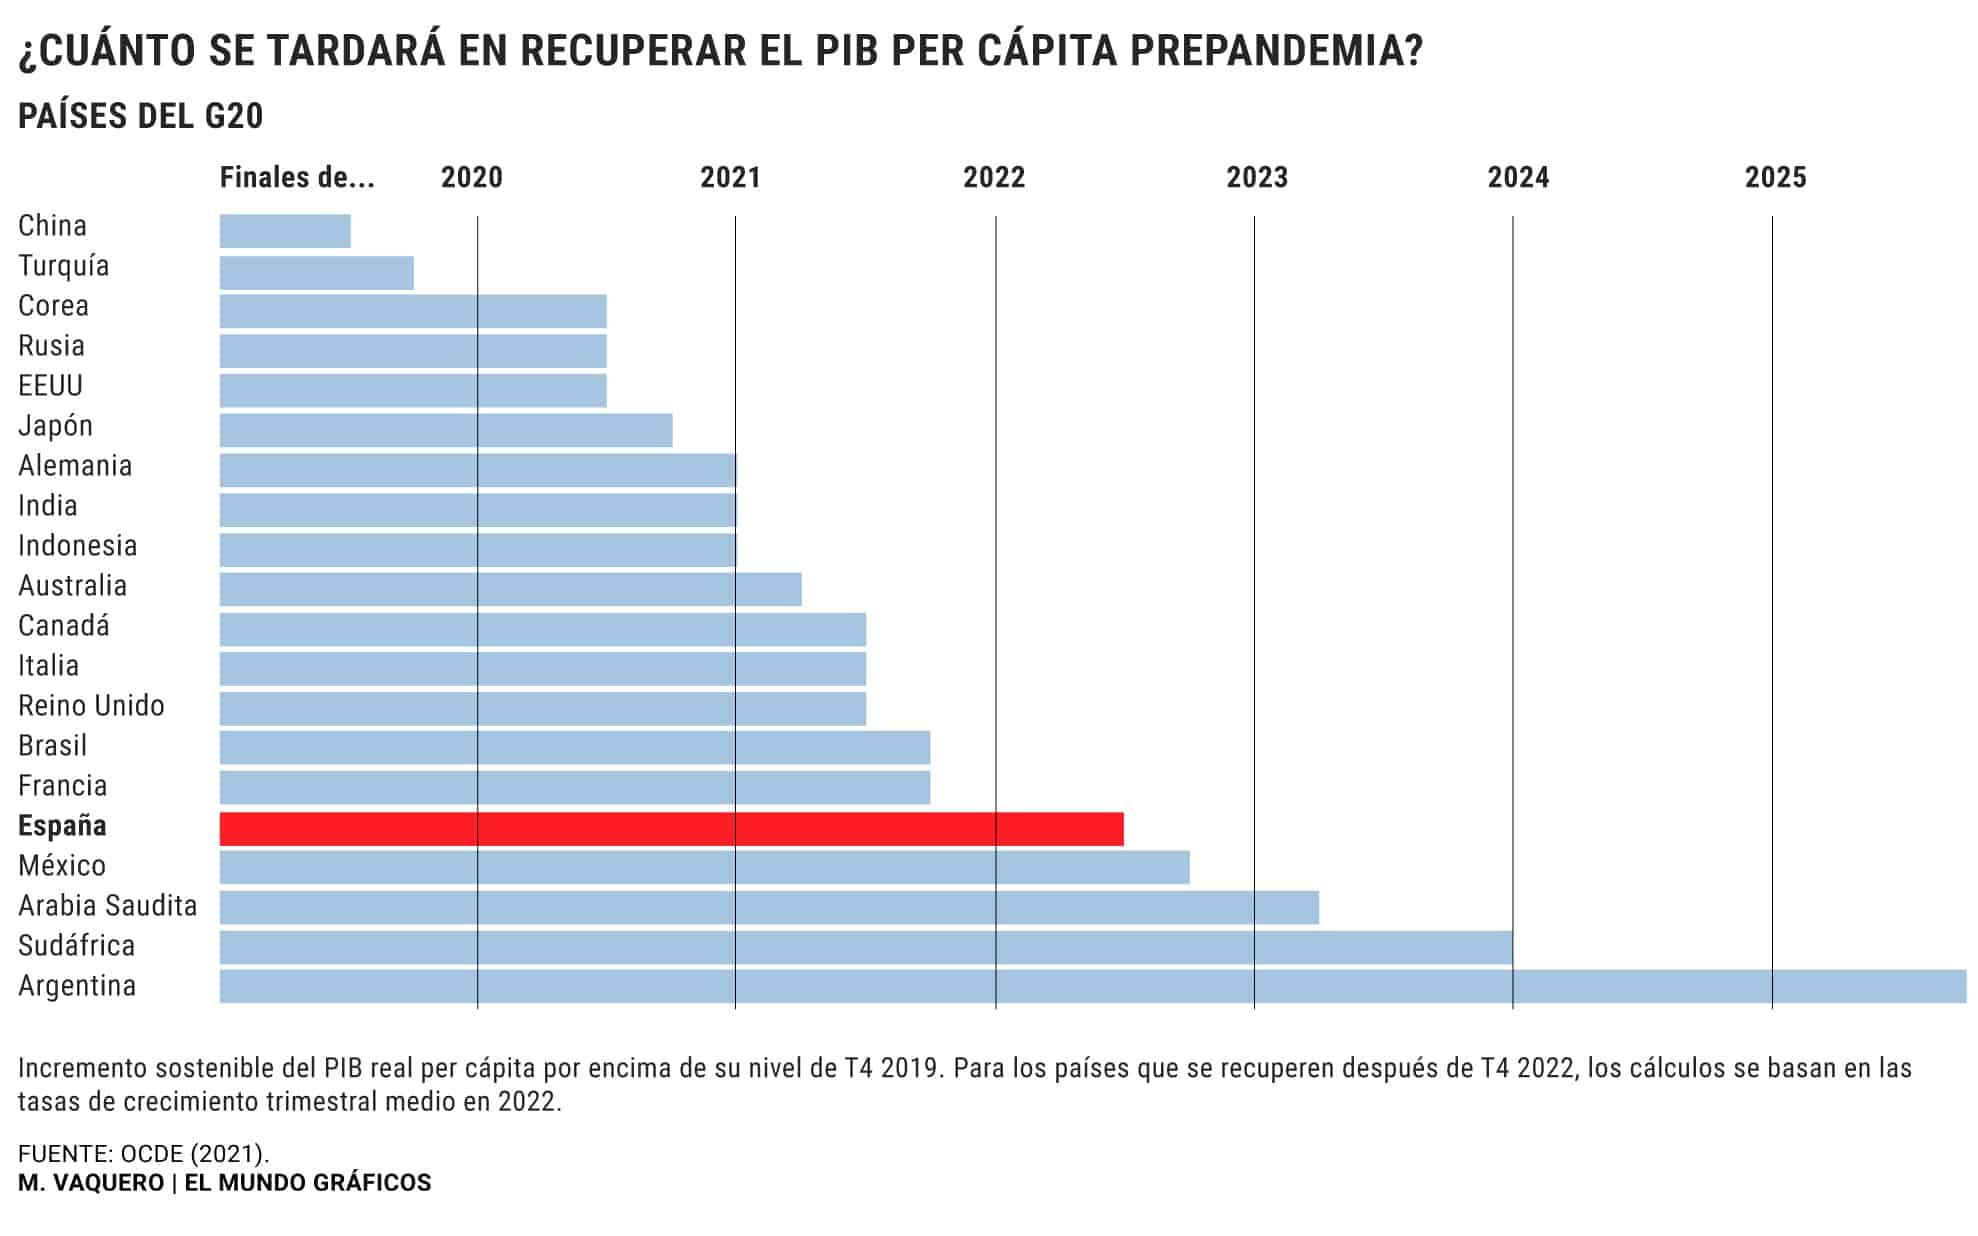 España - Salida crisis 2 - OCDE